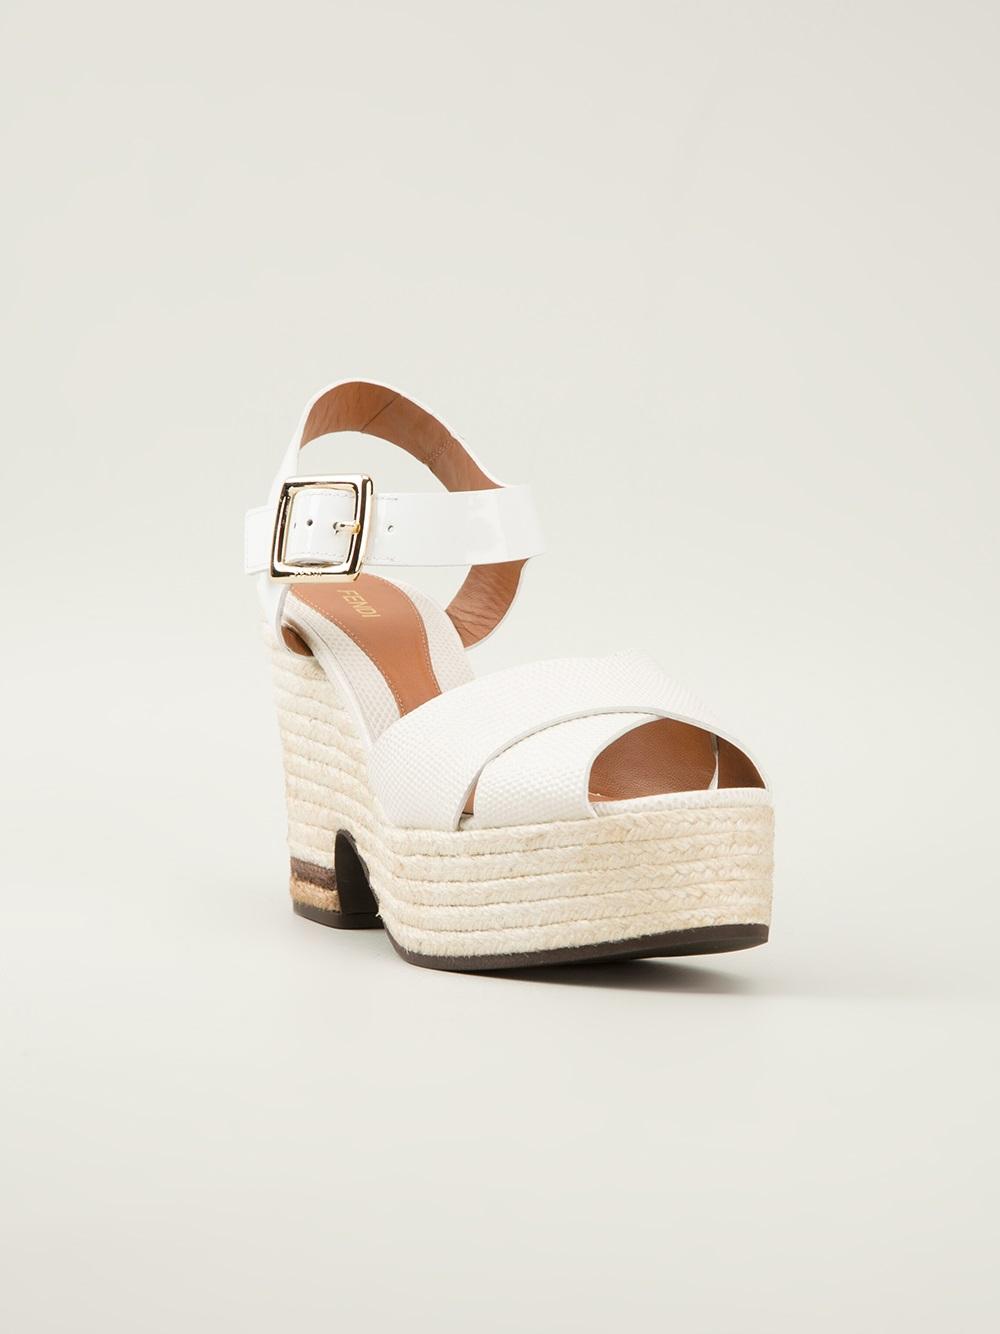 db87b655226 Lyst - Fendi Cecilia Wedge Sandals in White